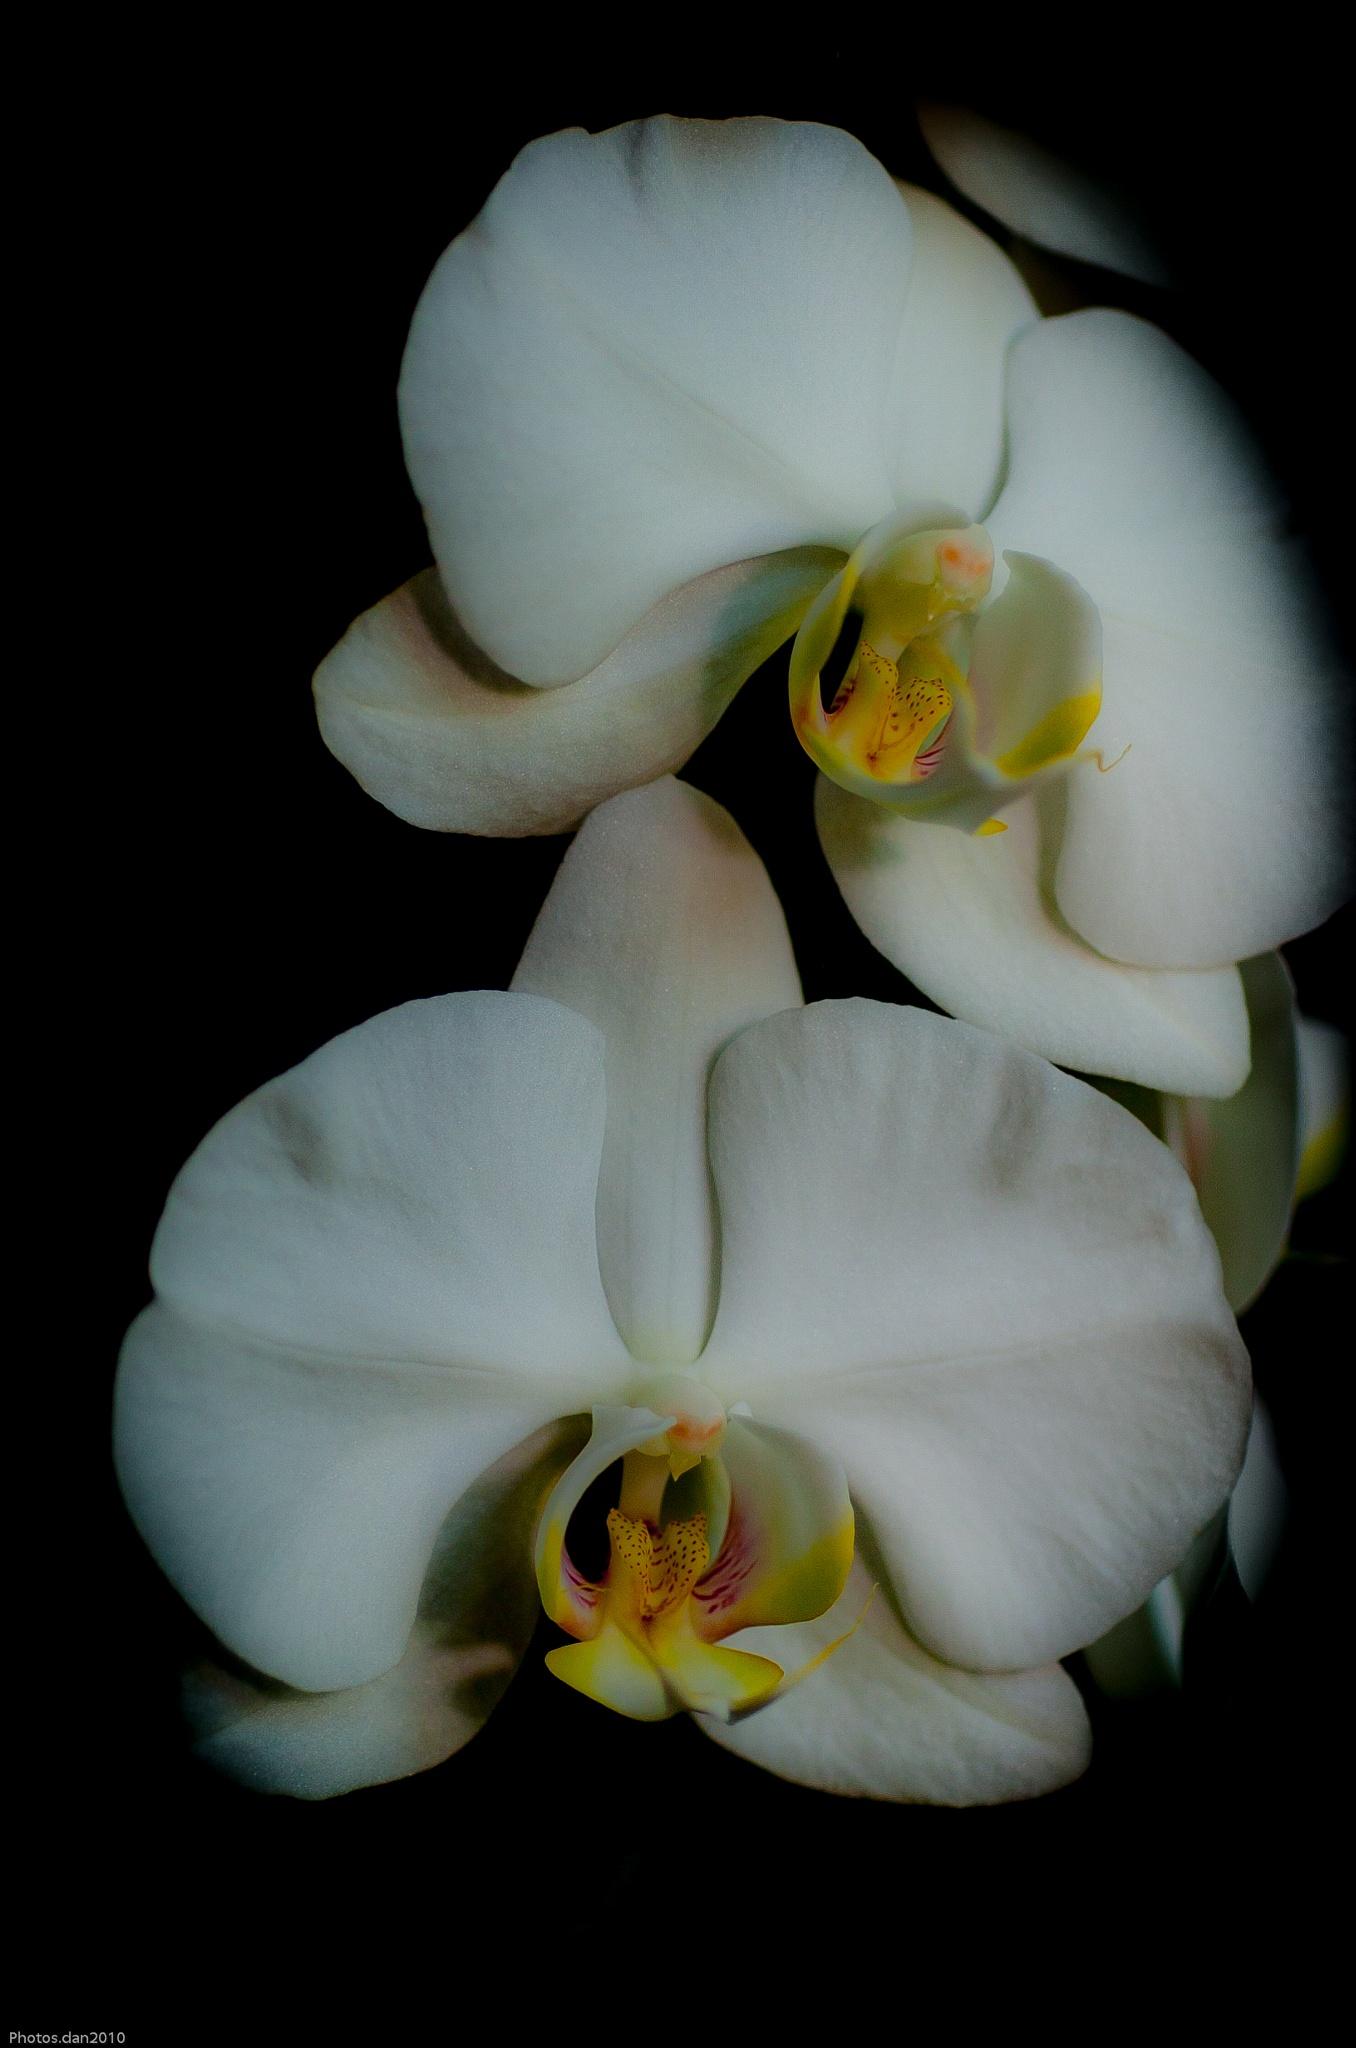 Orchidées... by photosdan